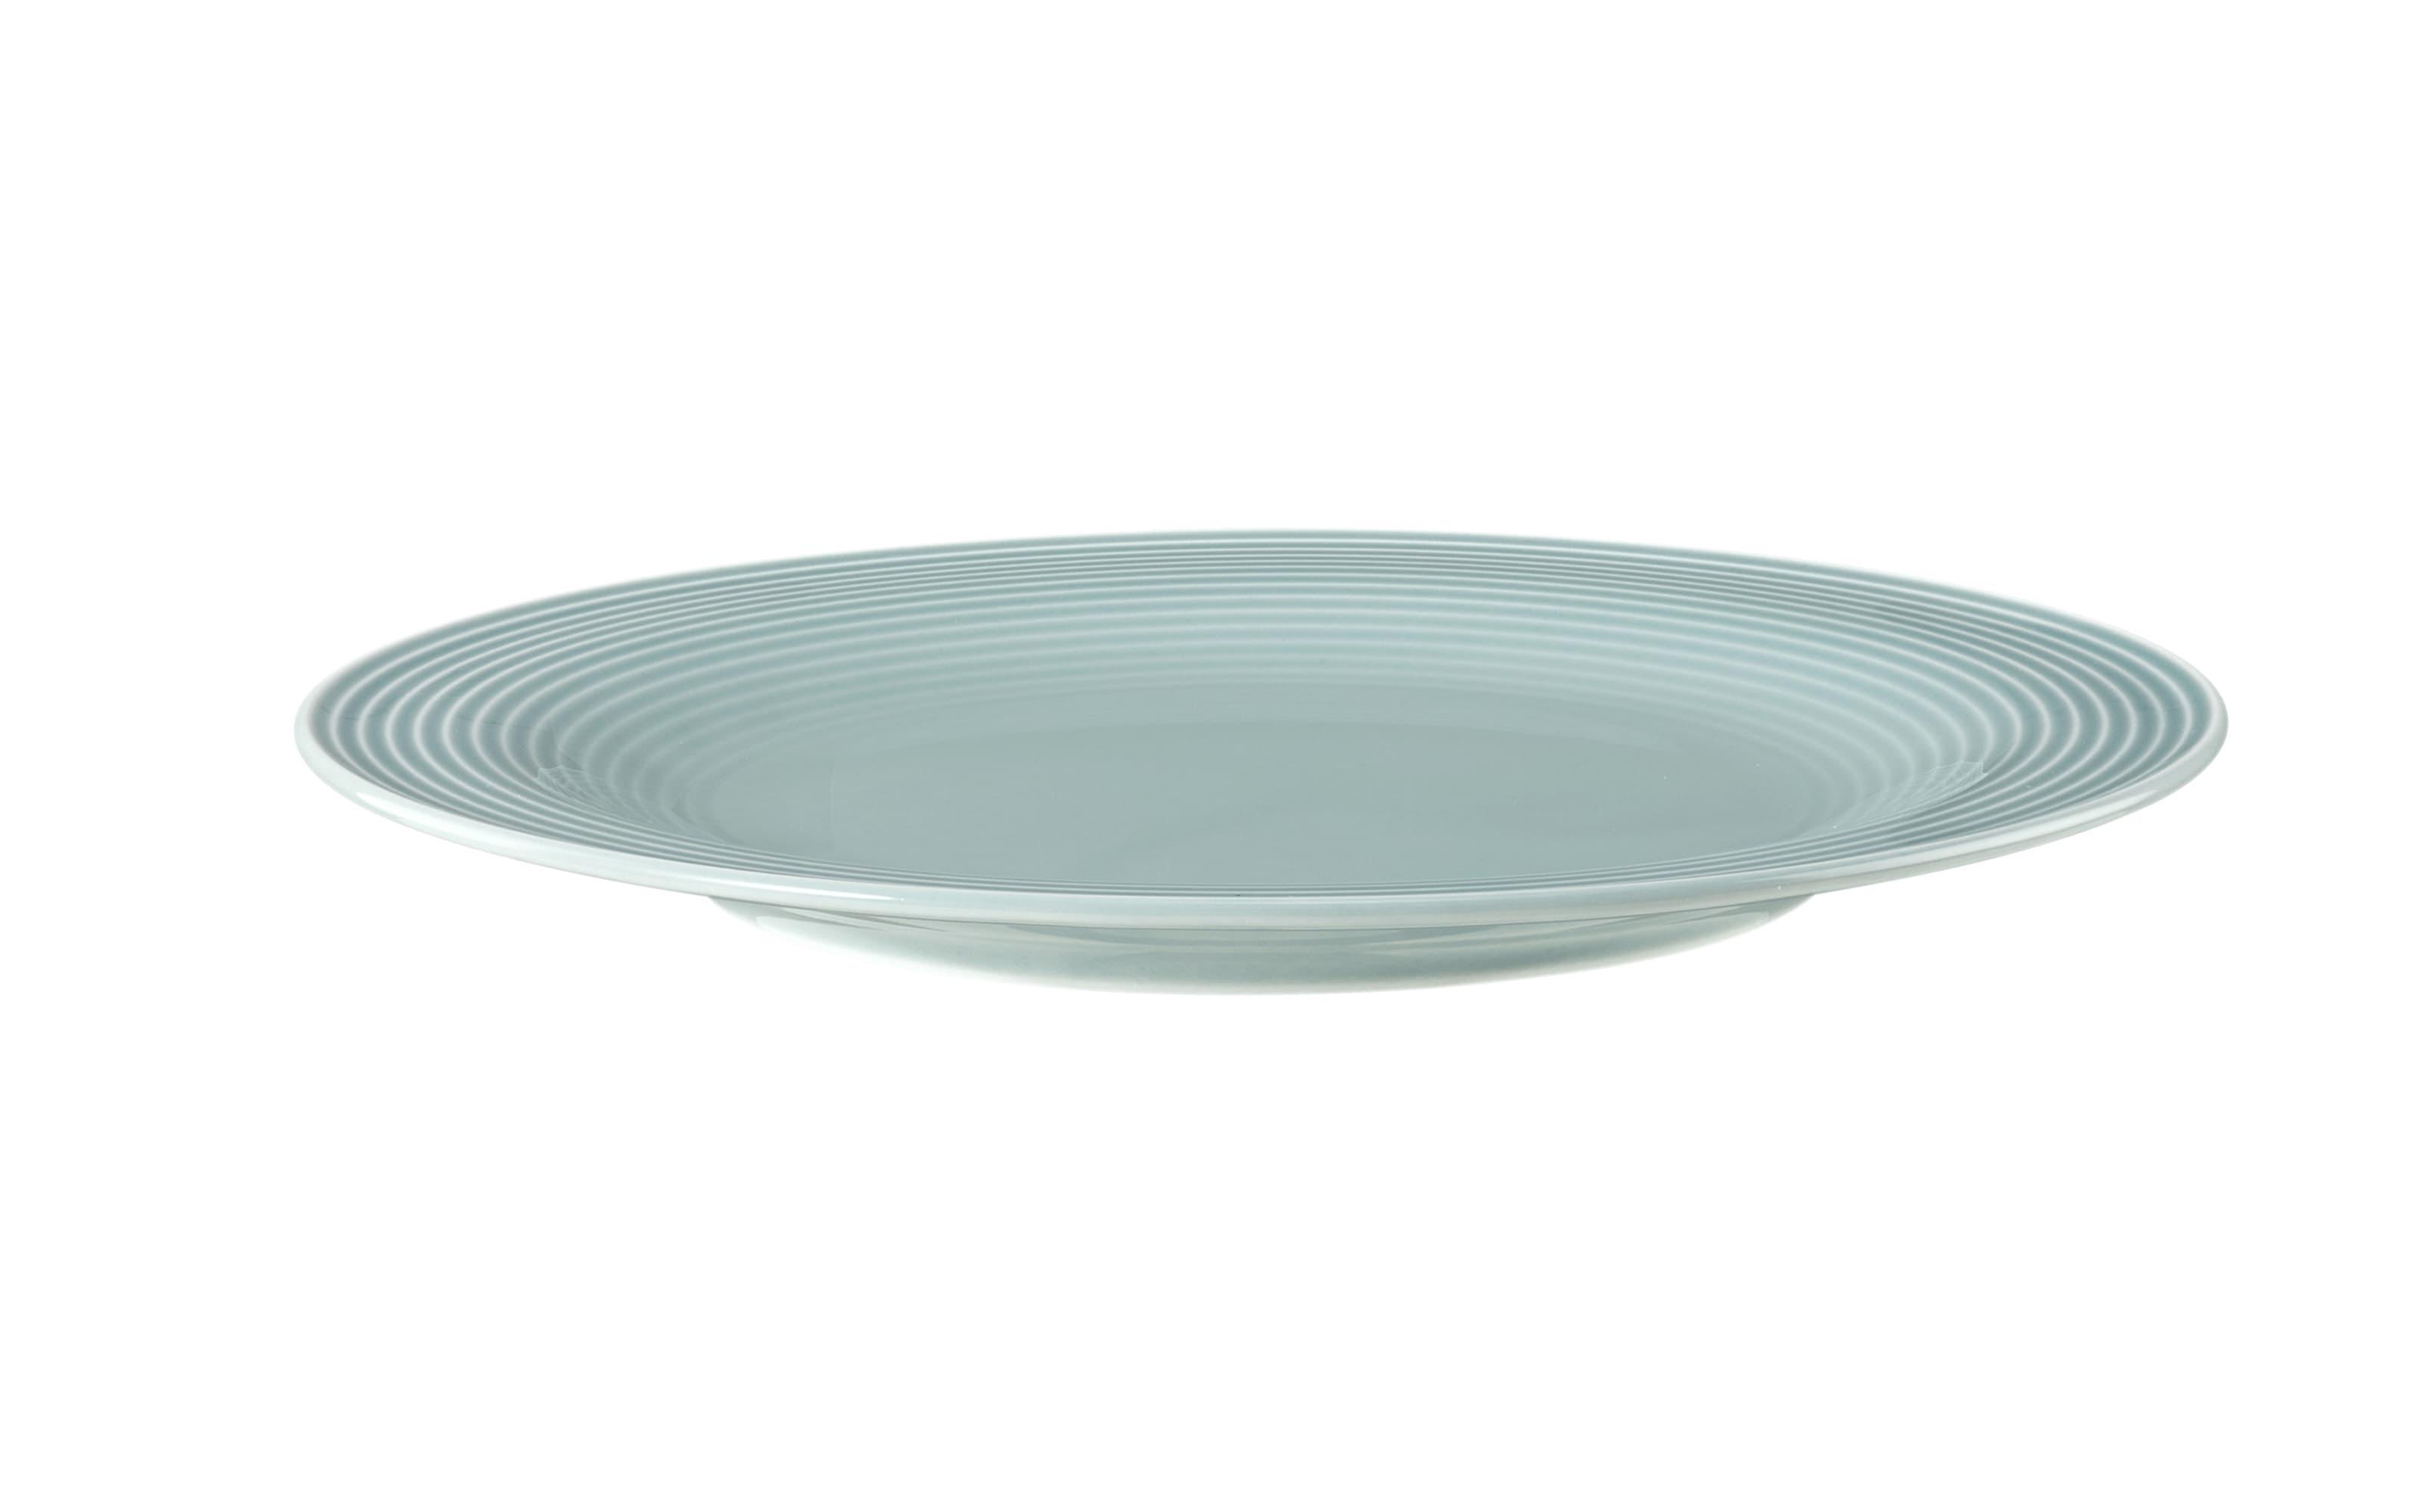 Frühstücksteller rund Beat in arktisblau, 23 cm